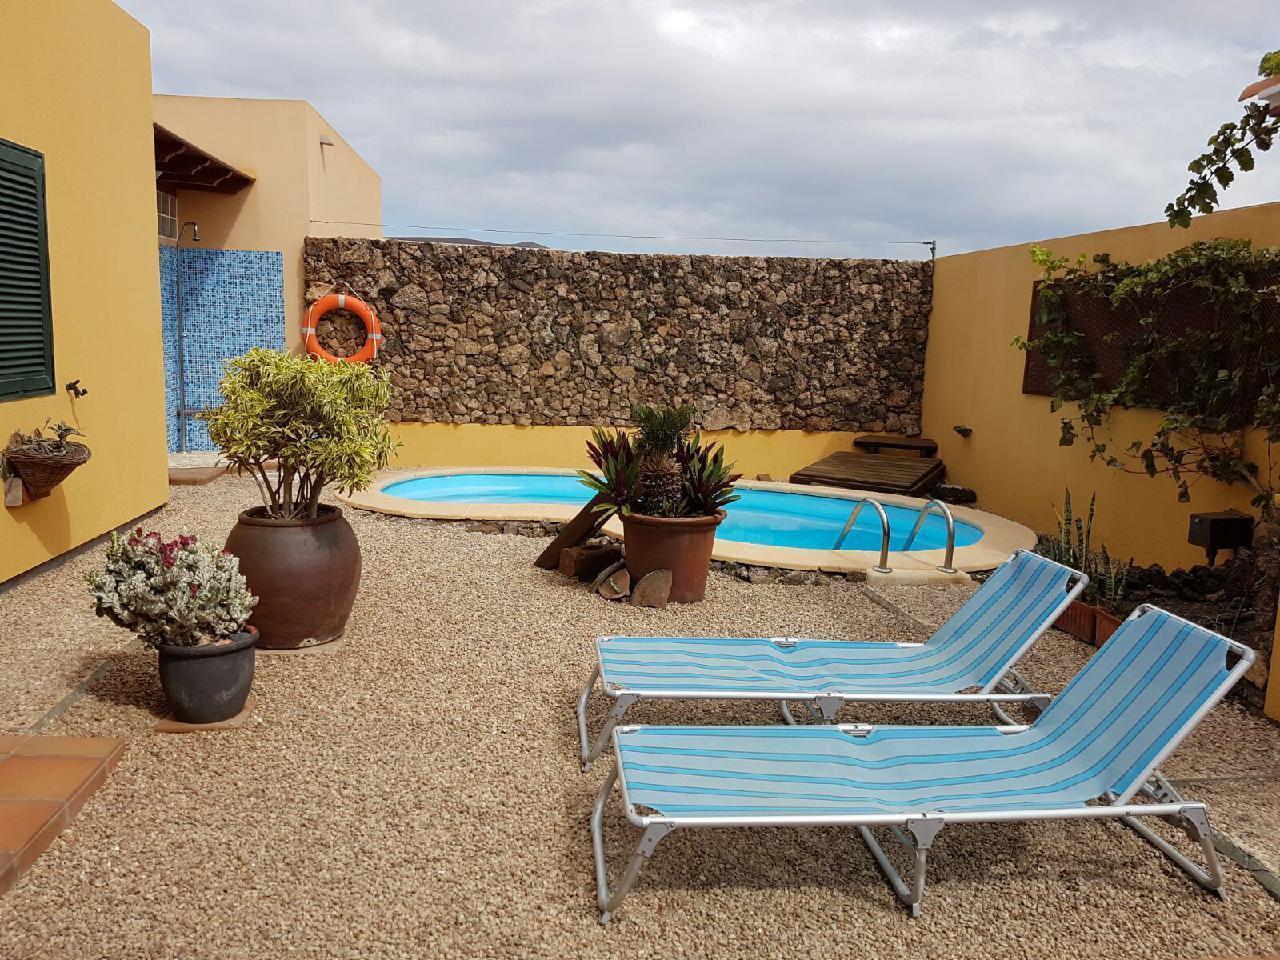 Ferienhaus Bruma Isabella (1075811), Corralejo, Fuerteventura, Kanarische Inseln, Spanien, Bild 7